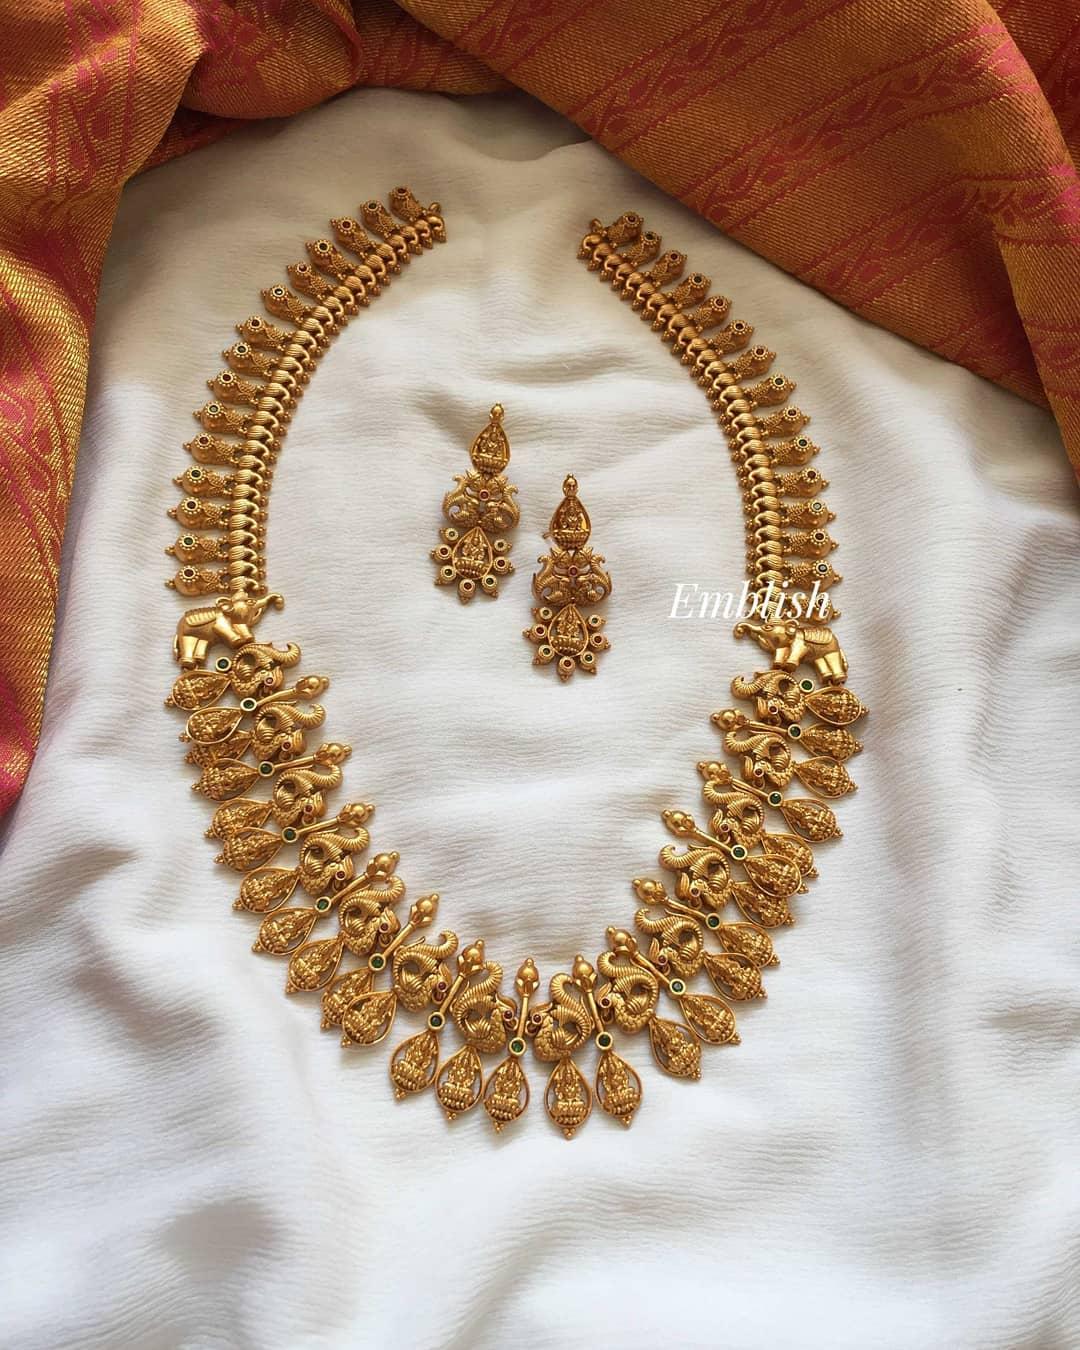 Imitation-Antique-Jewellery-Online(12)